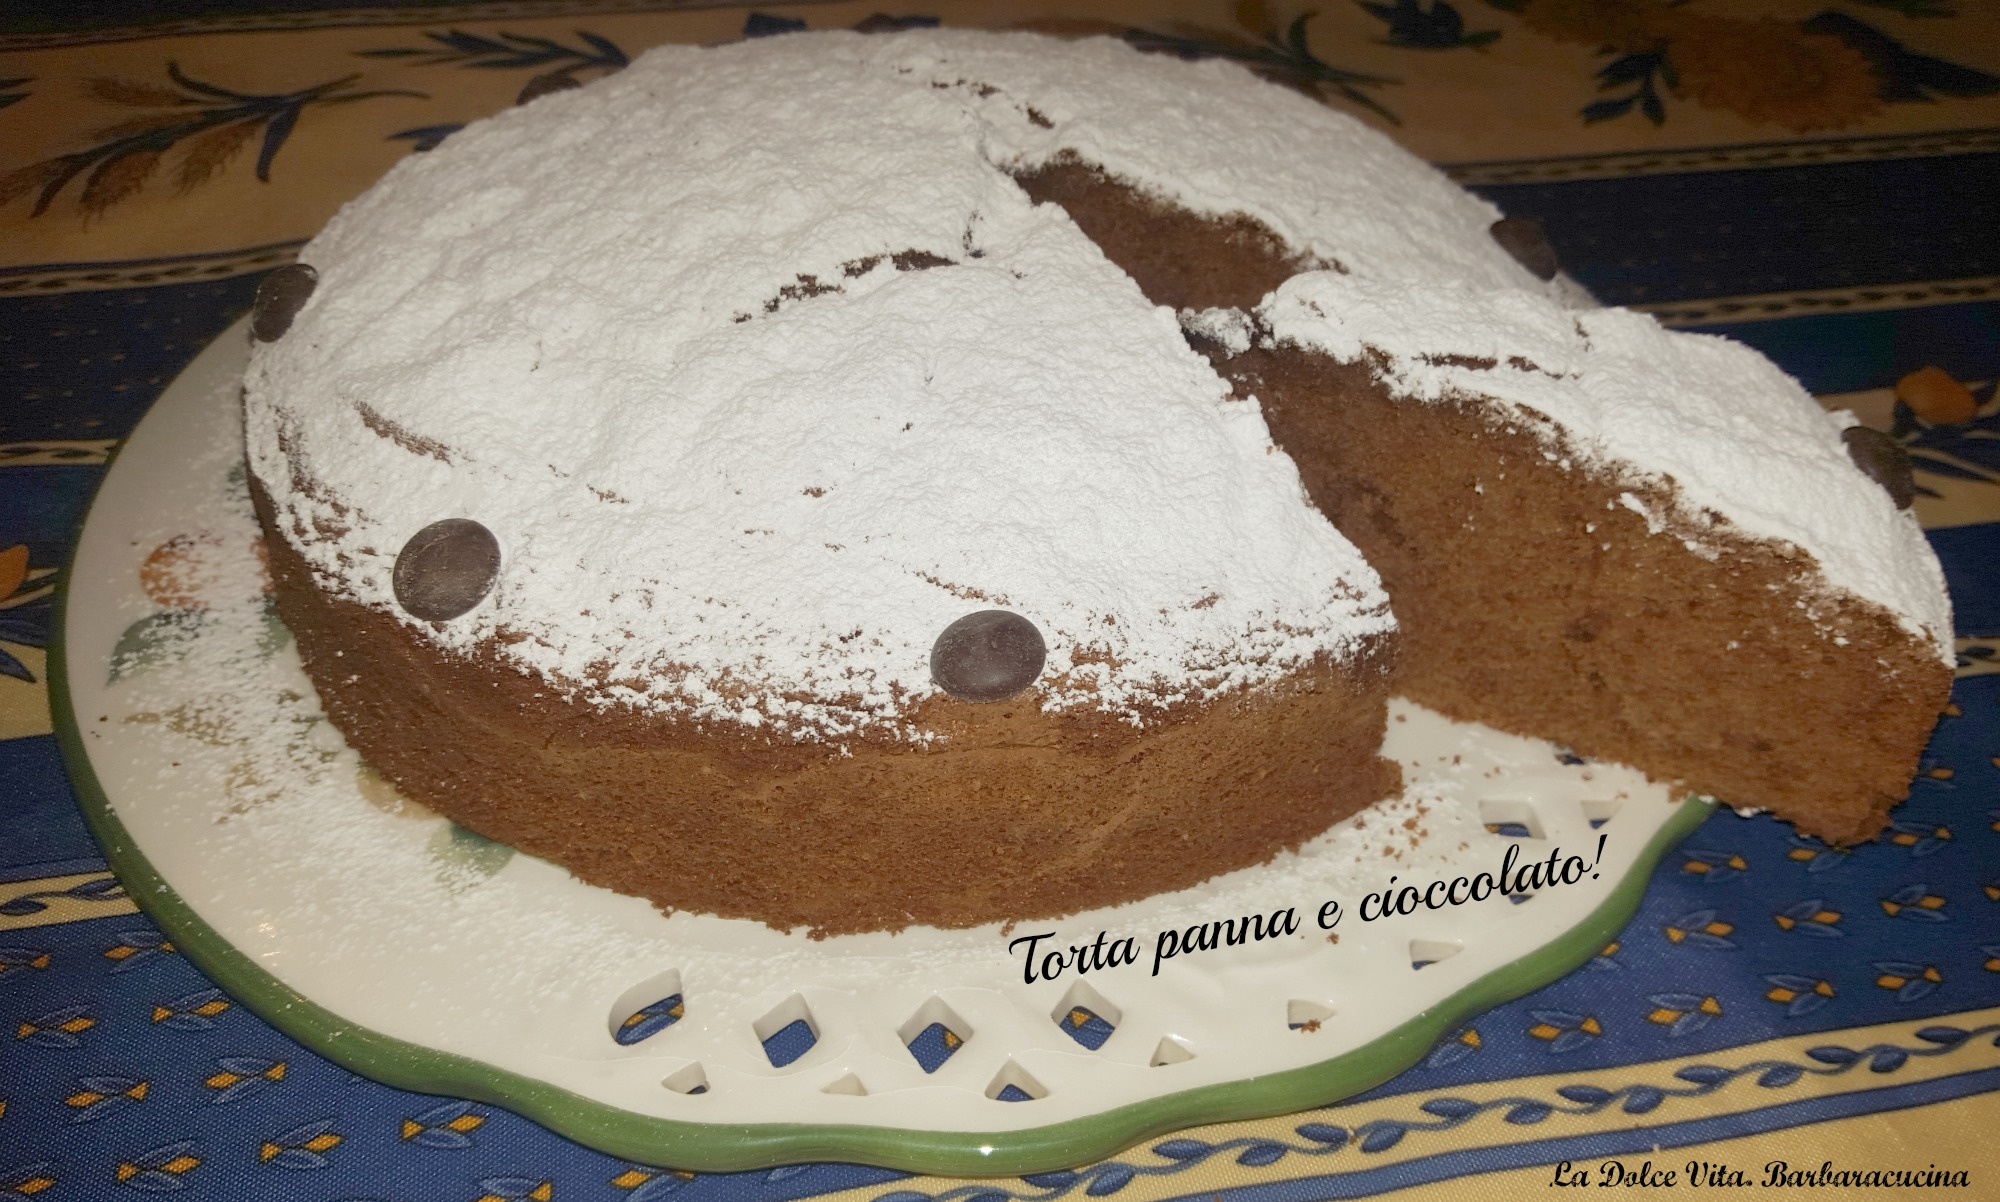 torta panna e cioccolato 3